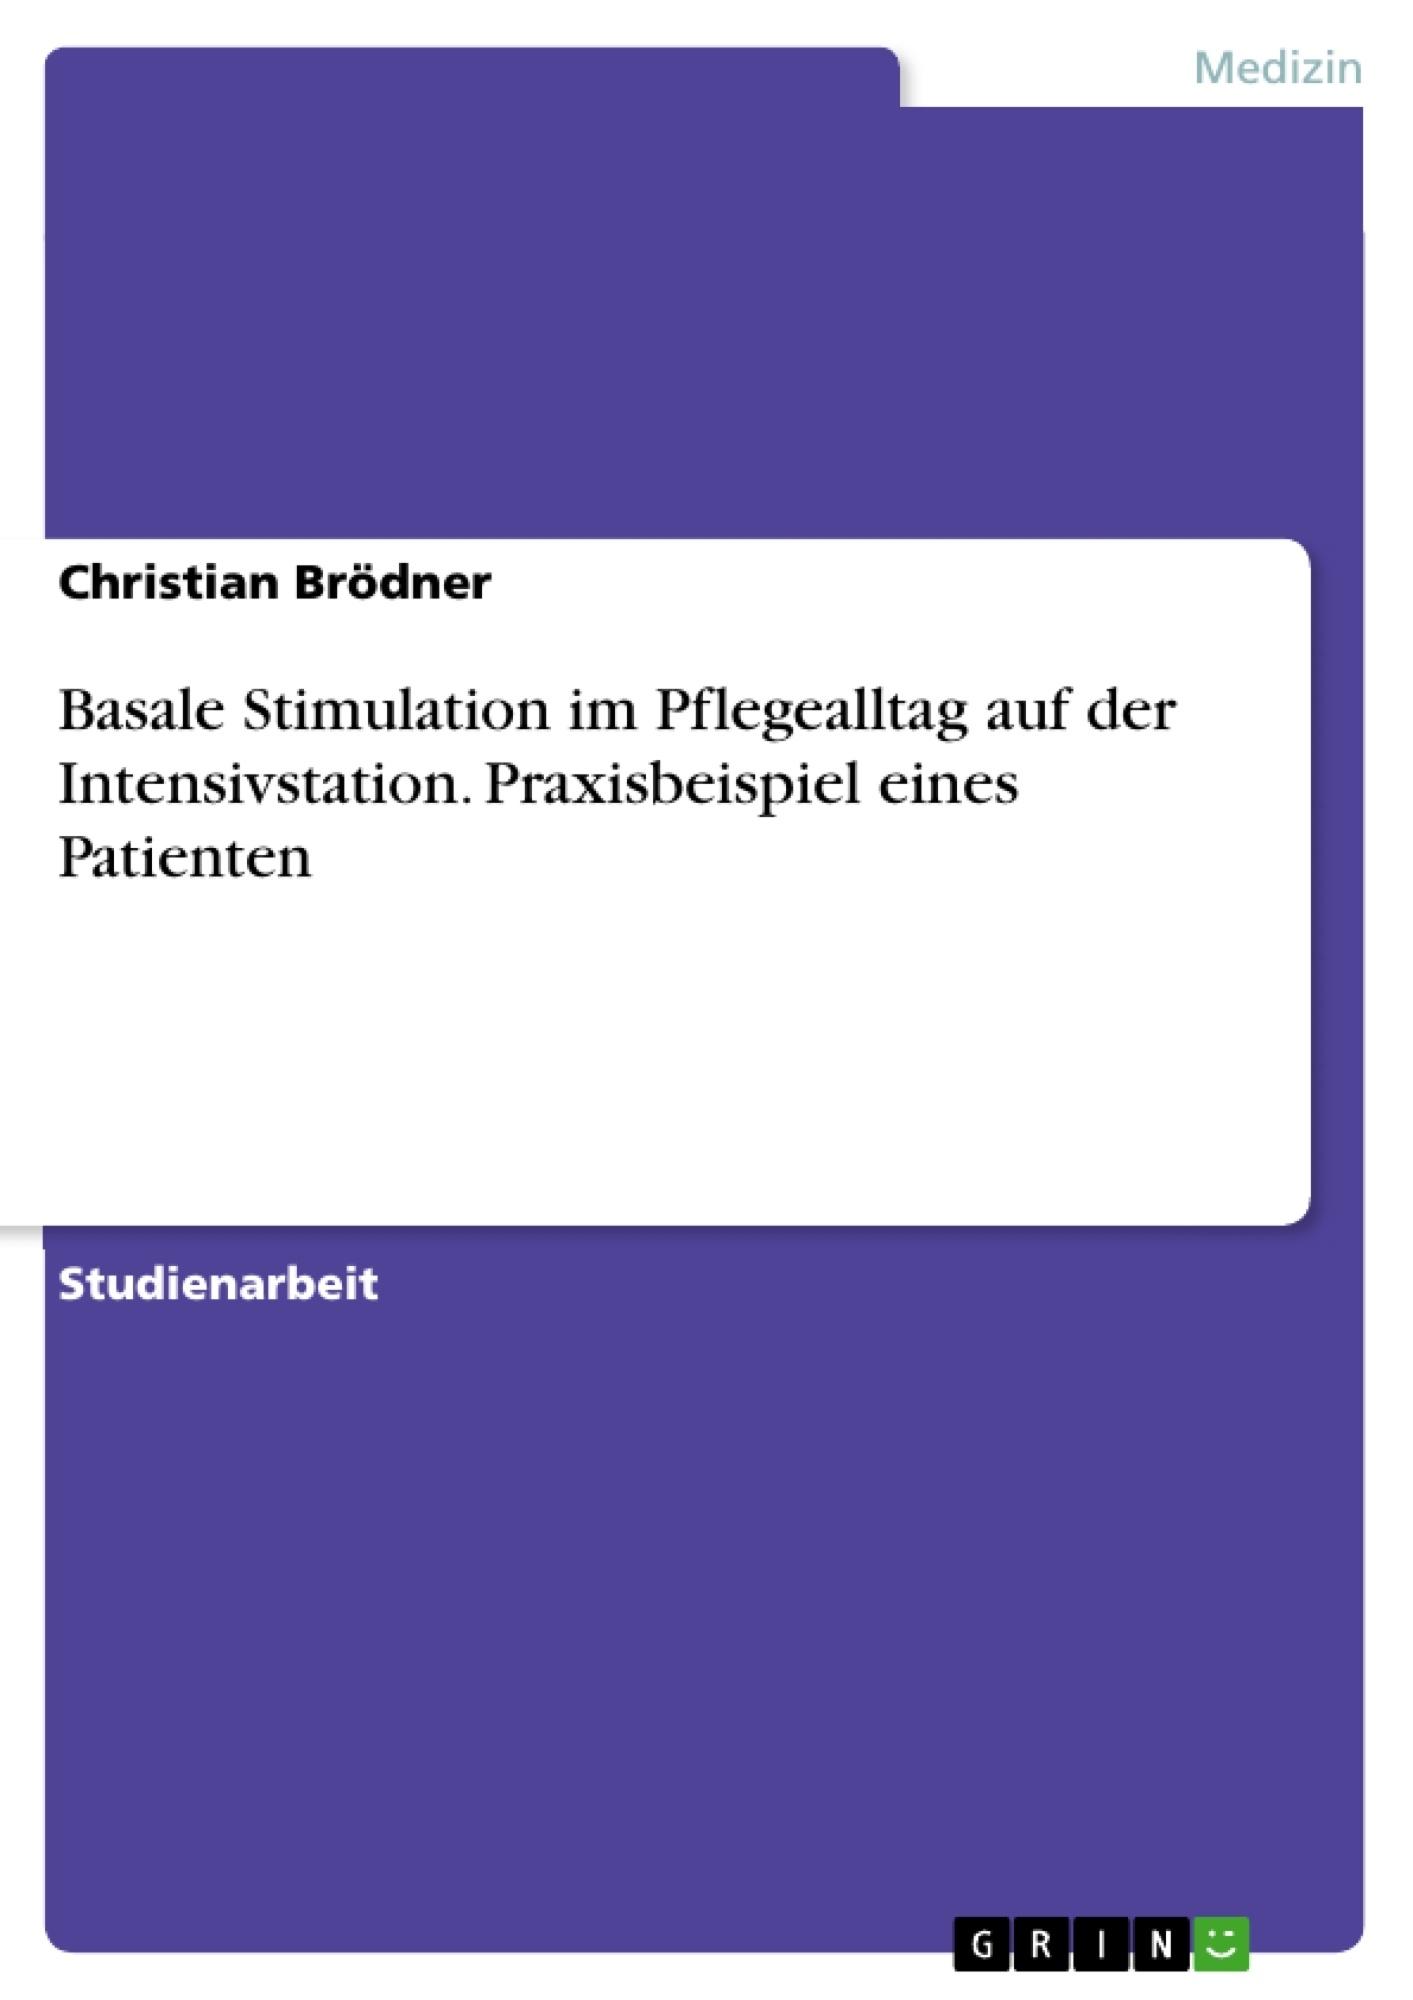 Titel: Basale Stimulation im Pflegealltag auf der Intensivstation. Praxisbeispiel eines Patienten